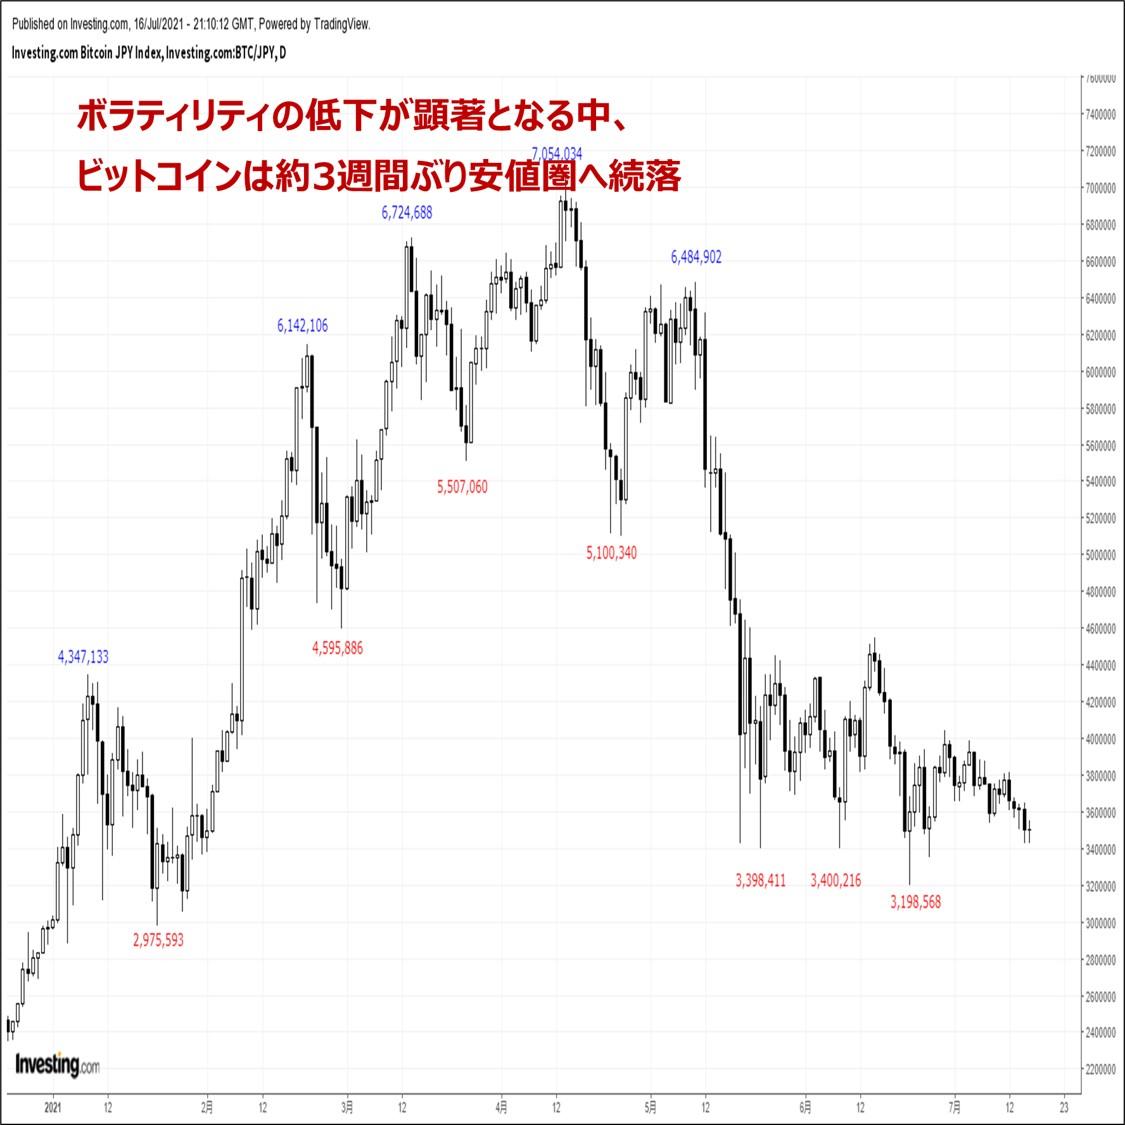 ビットコイン:『ボラティリティの低下が顕著となる中、BTCは3週間ぶり安値圏へ続落』(7/17)